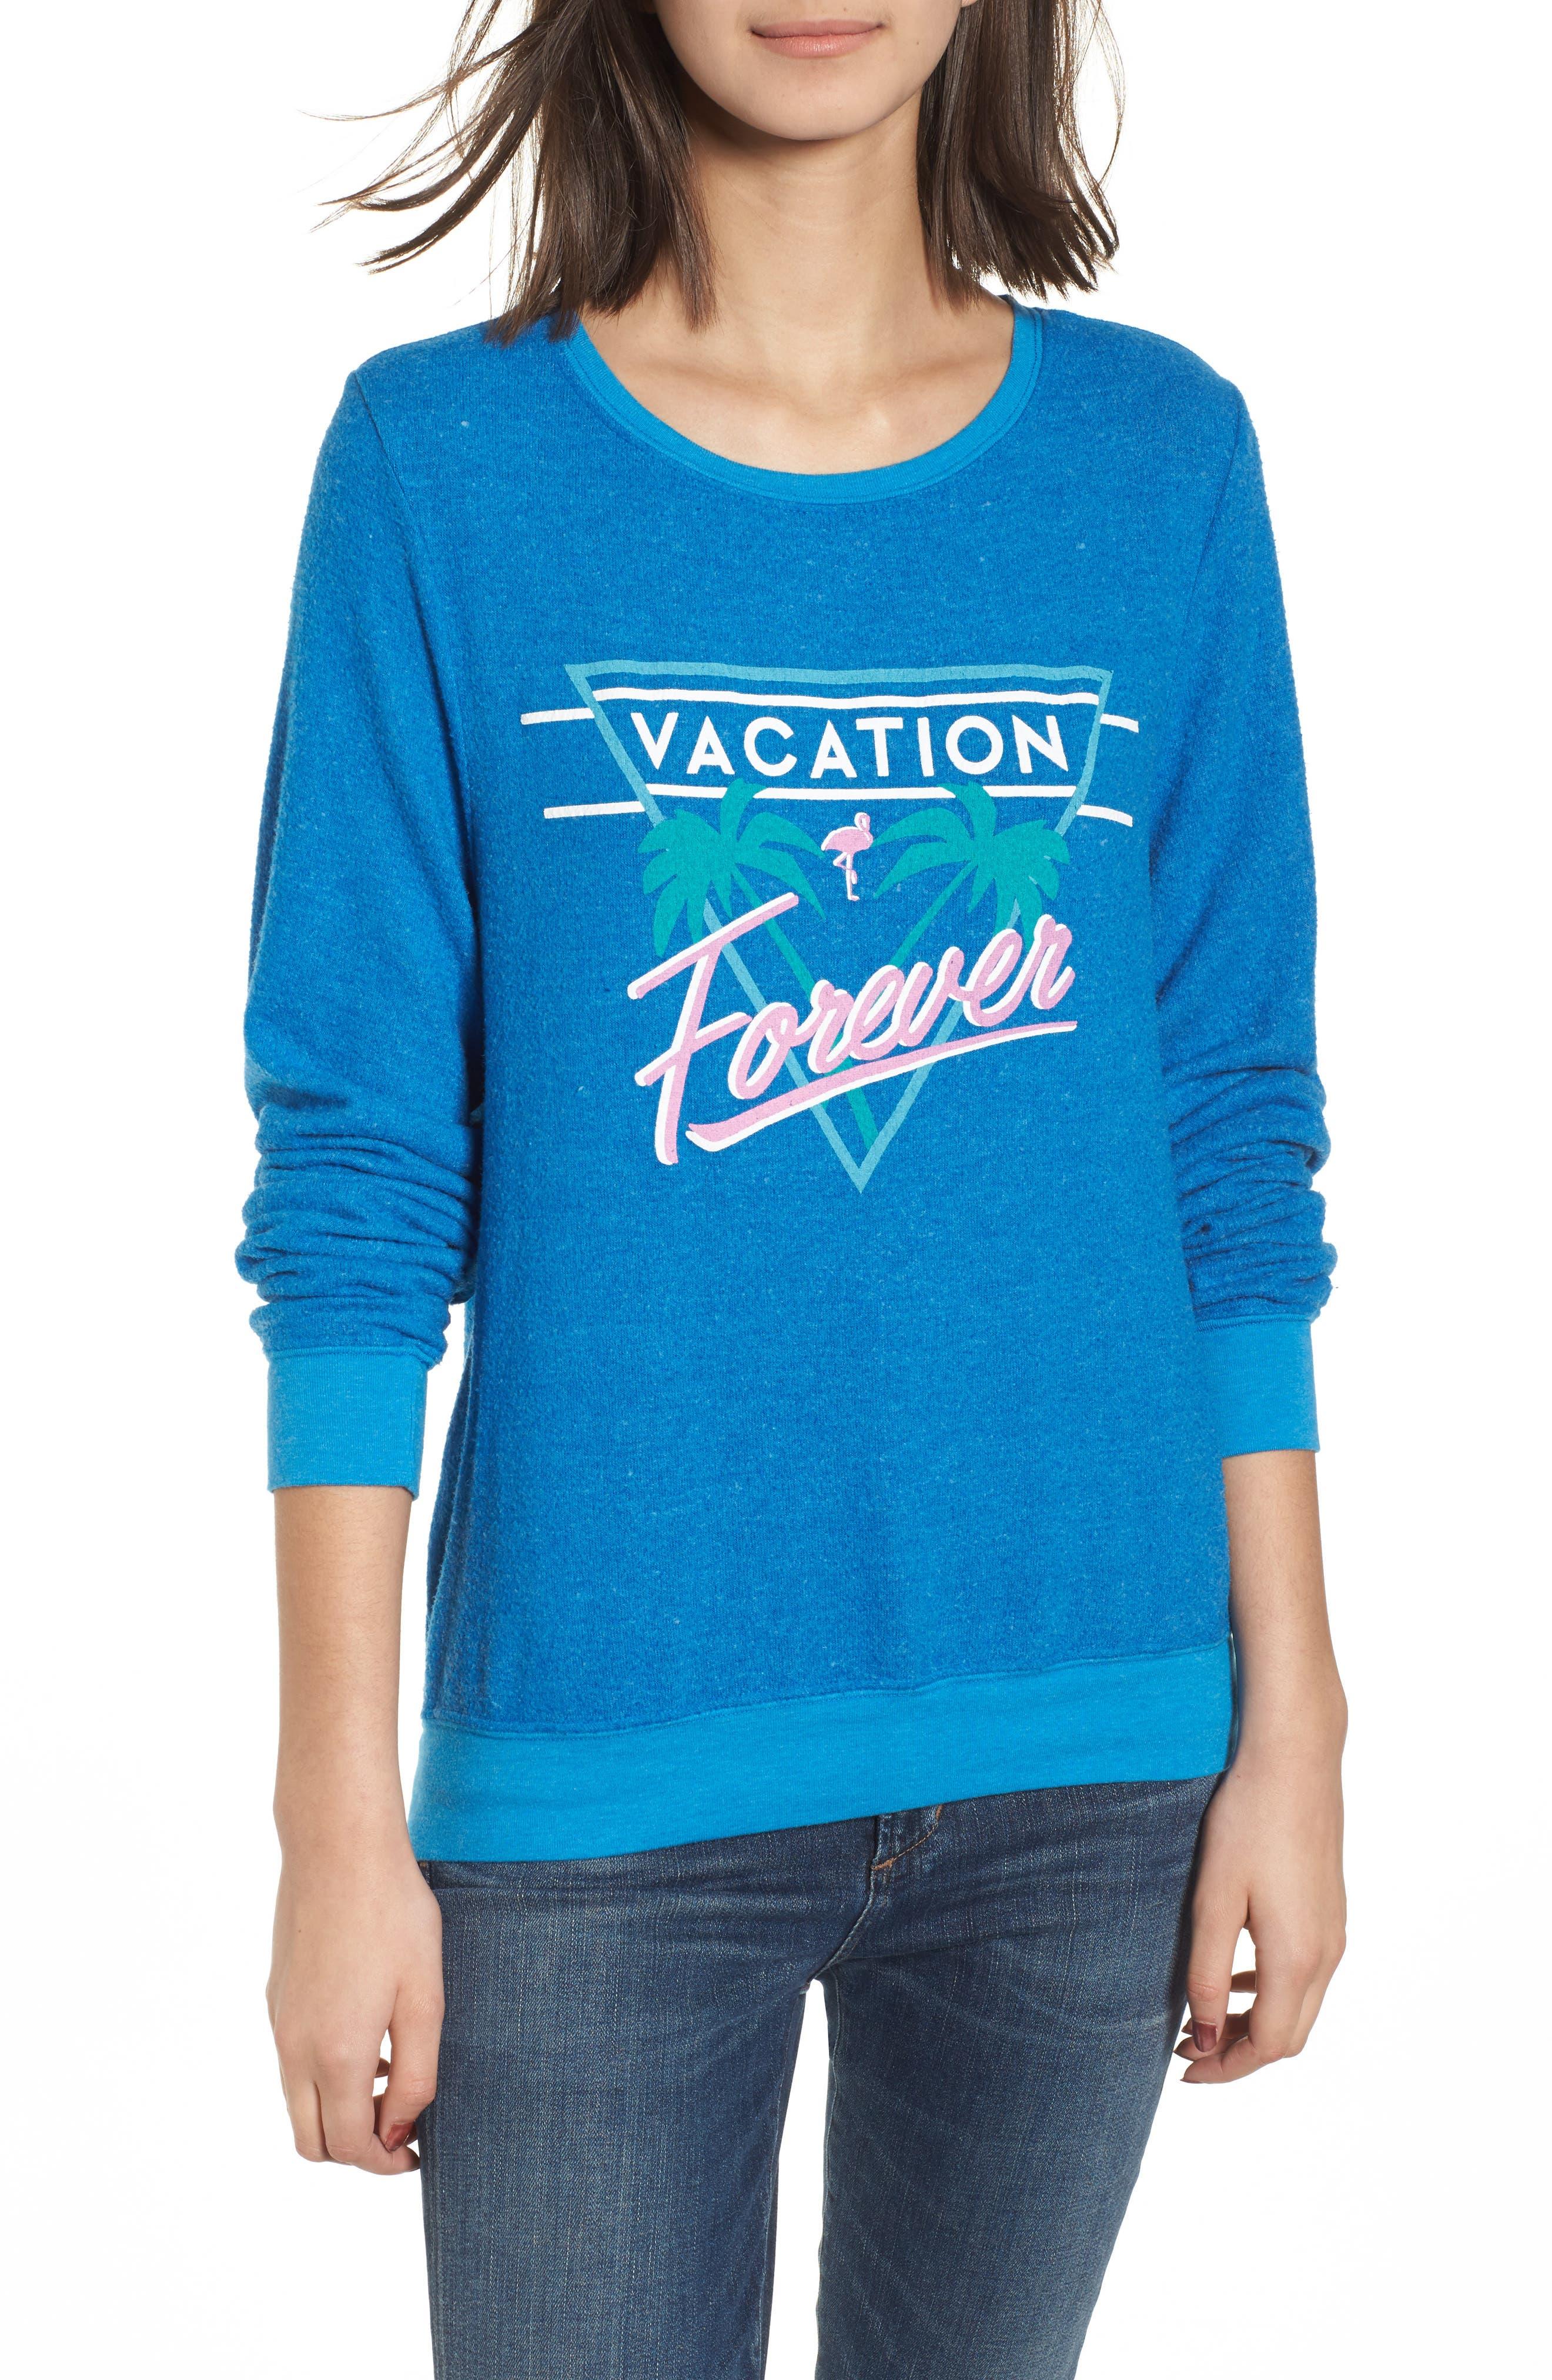 Main Image - Dream Scene Vacation Forever Sweatshirt